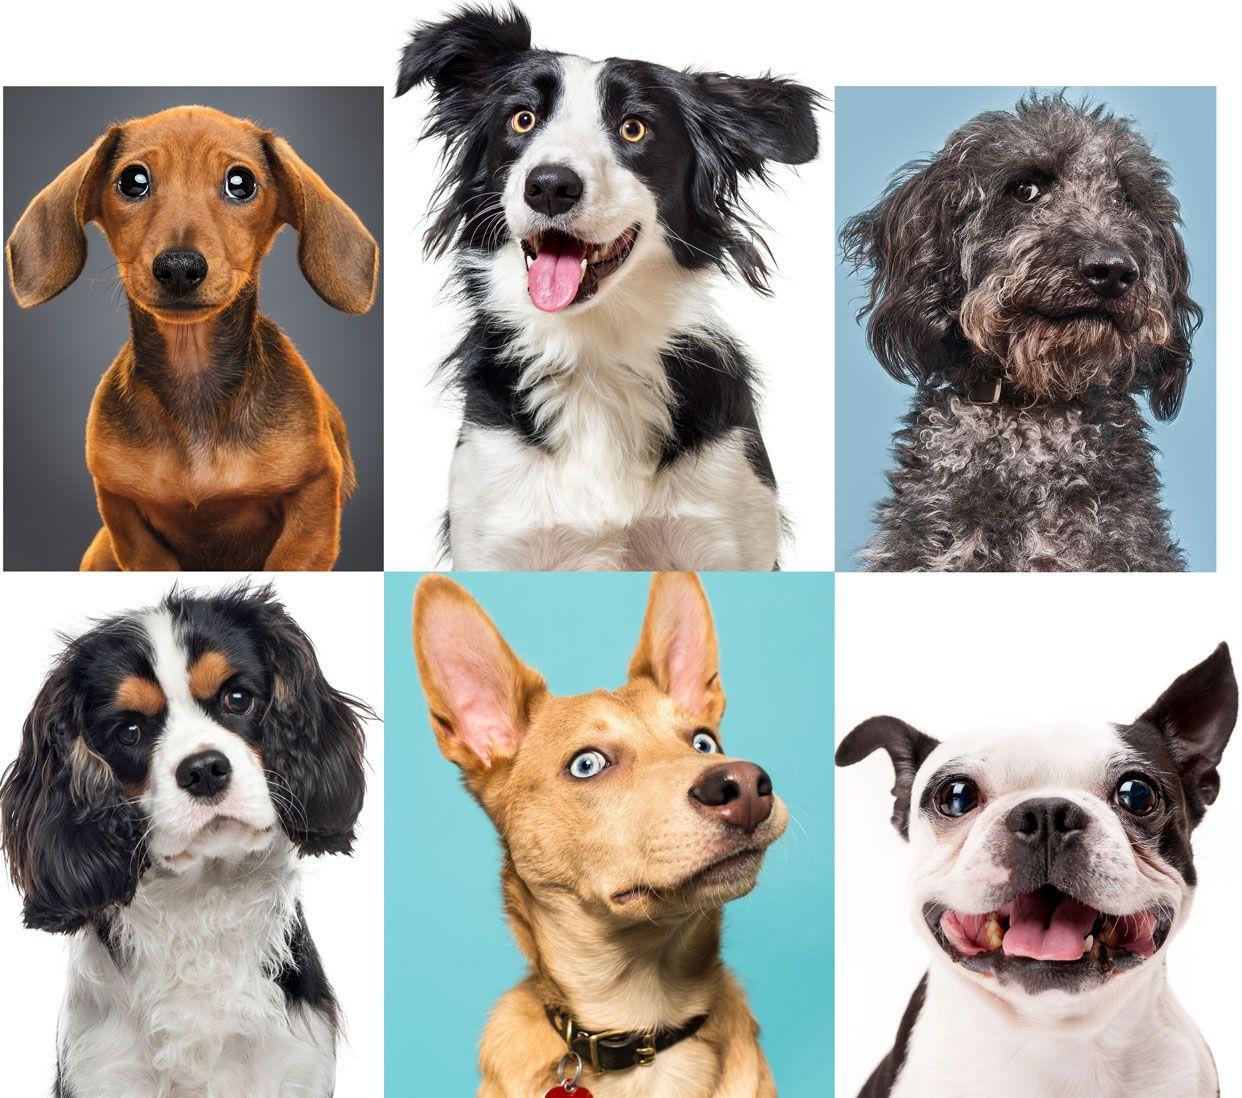 https://www.tvojastrolog.com/wp-content/uploads/2020/05/dogs.jpg